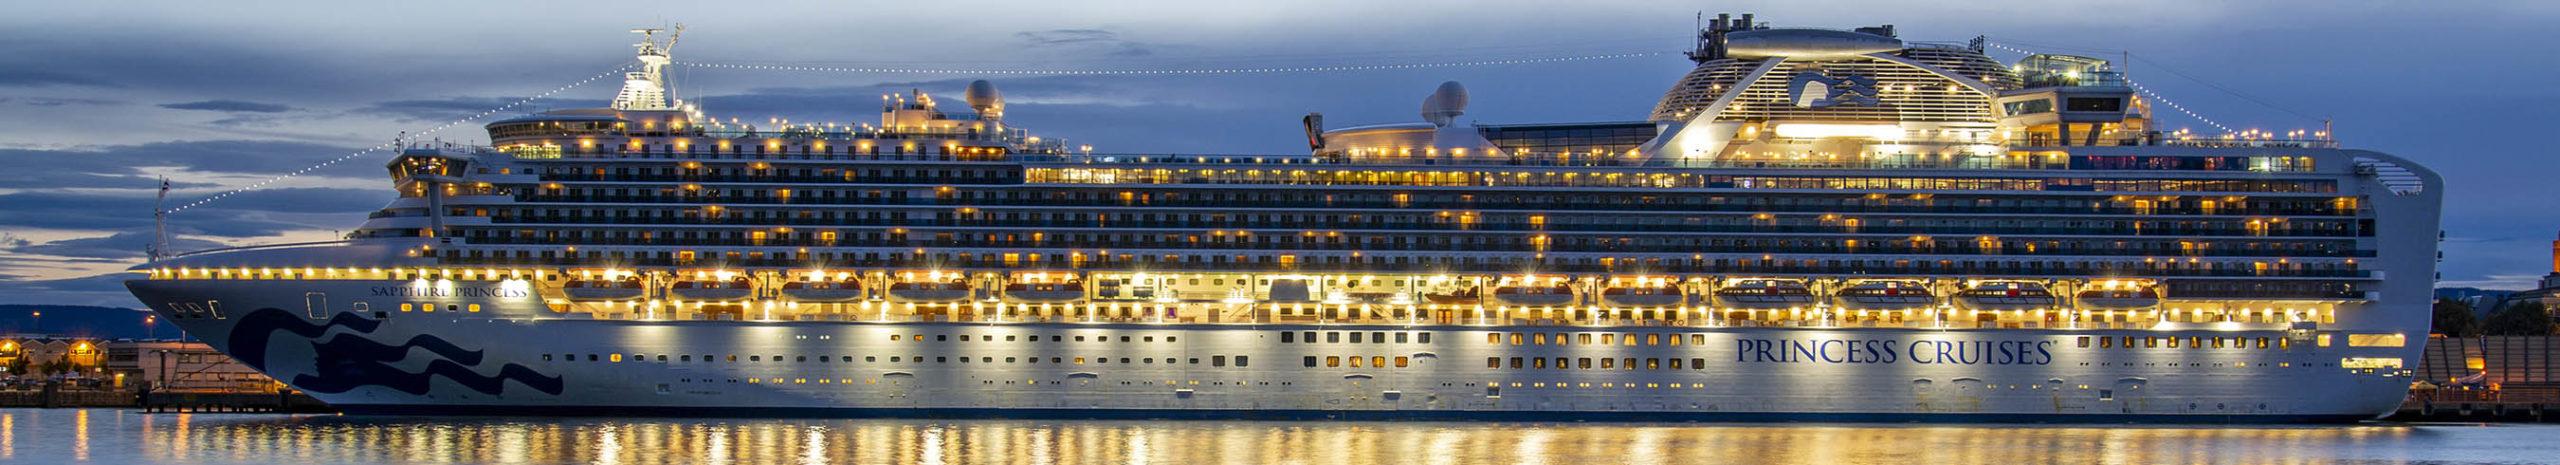 Круиз Юго-Восточная Азия <br> Sapphire Princess (Princess Cruises)